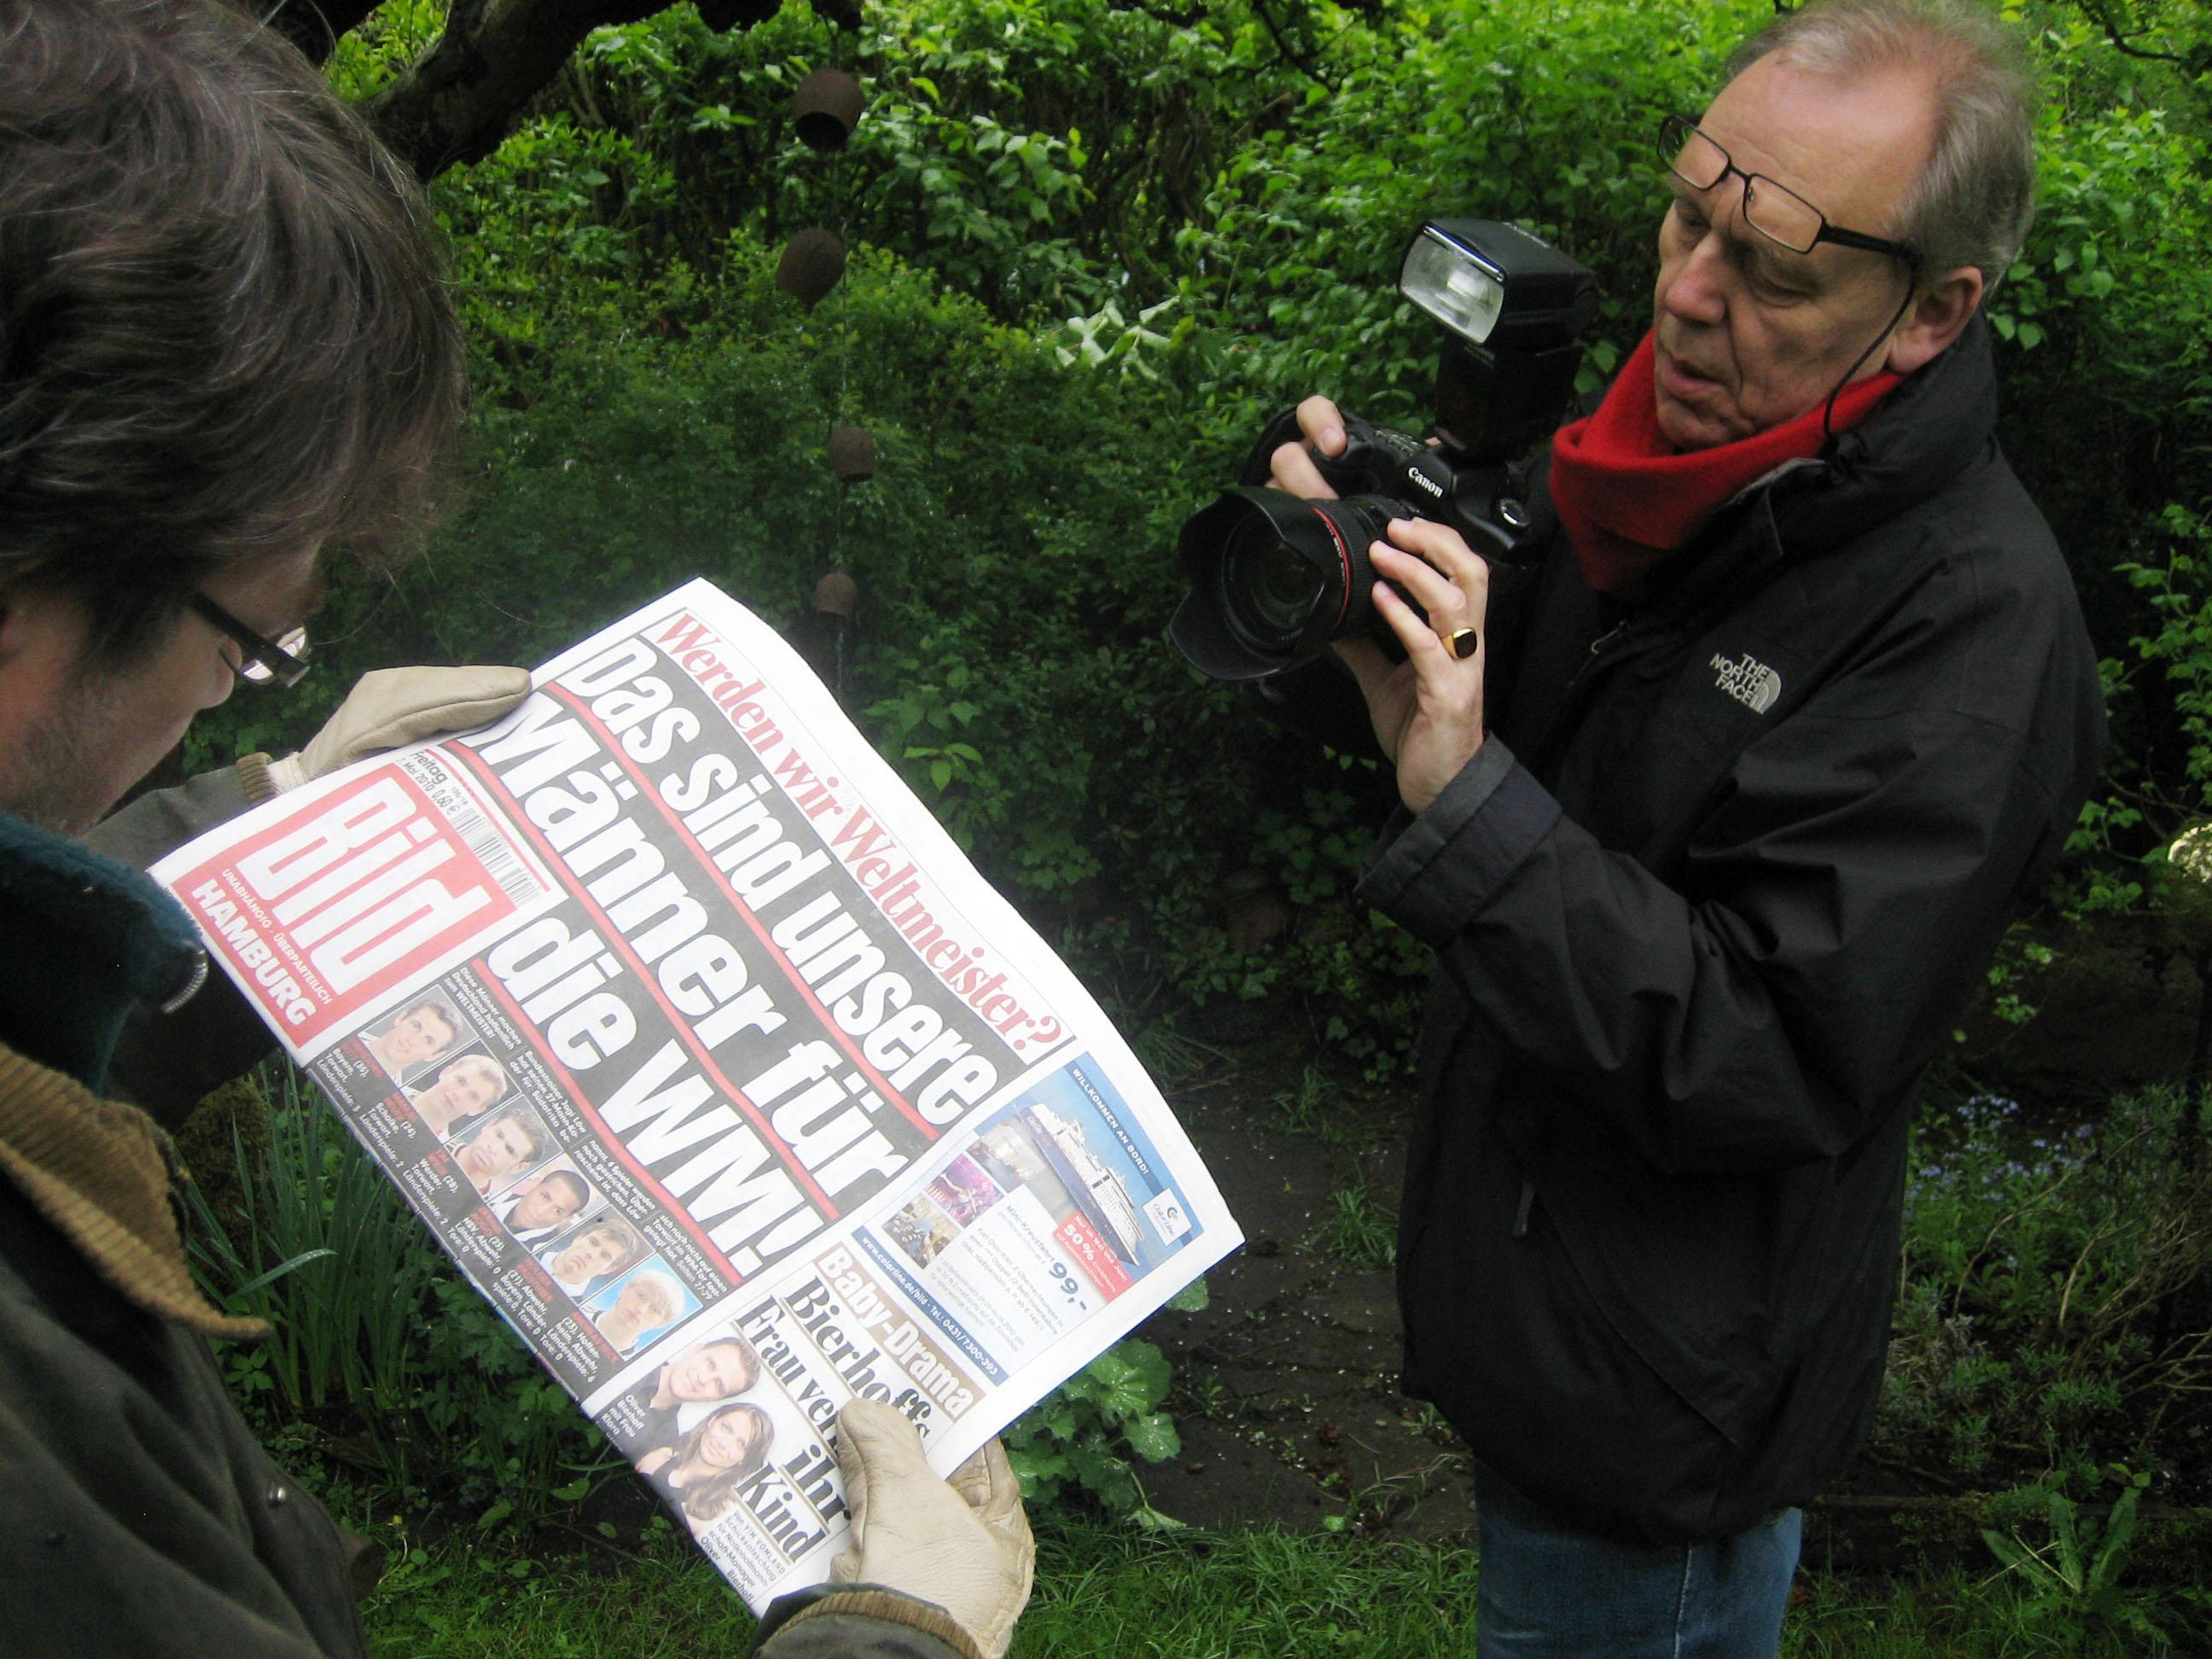 Ein Tag Deutschland, Making Off, Stephan Gabriel beim Fotografieren im Garten von Manfred K., Kleingartenverein Tarpenhöh in Hamburg-Niendorf, 7. Mai 2010